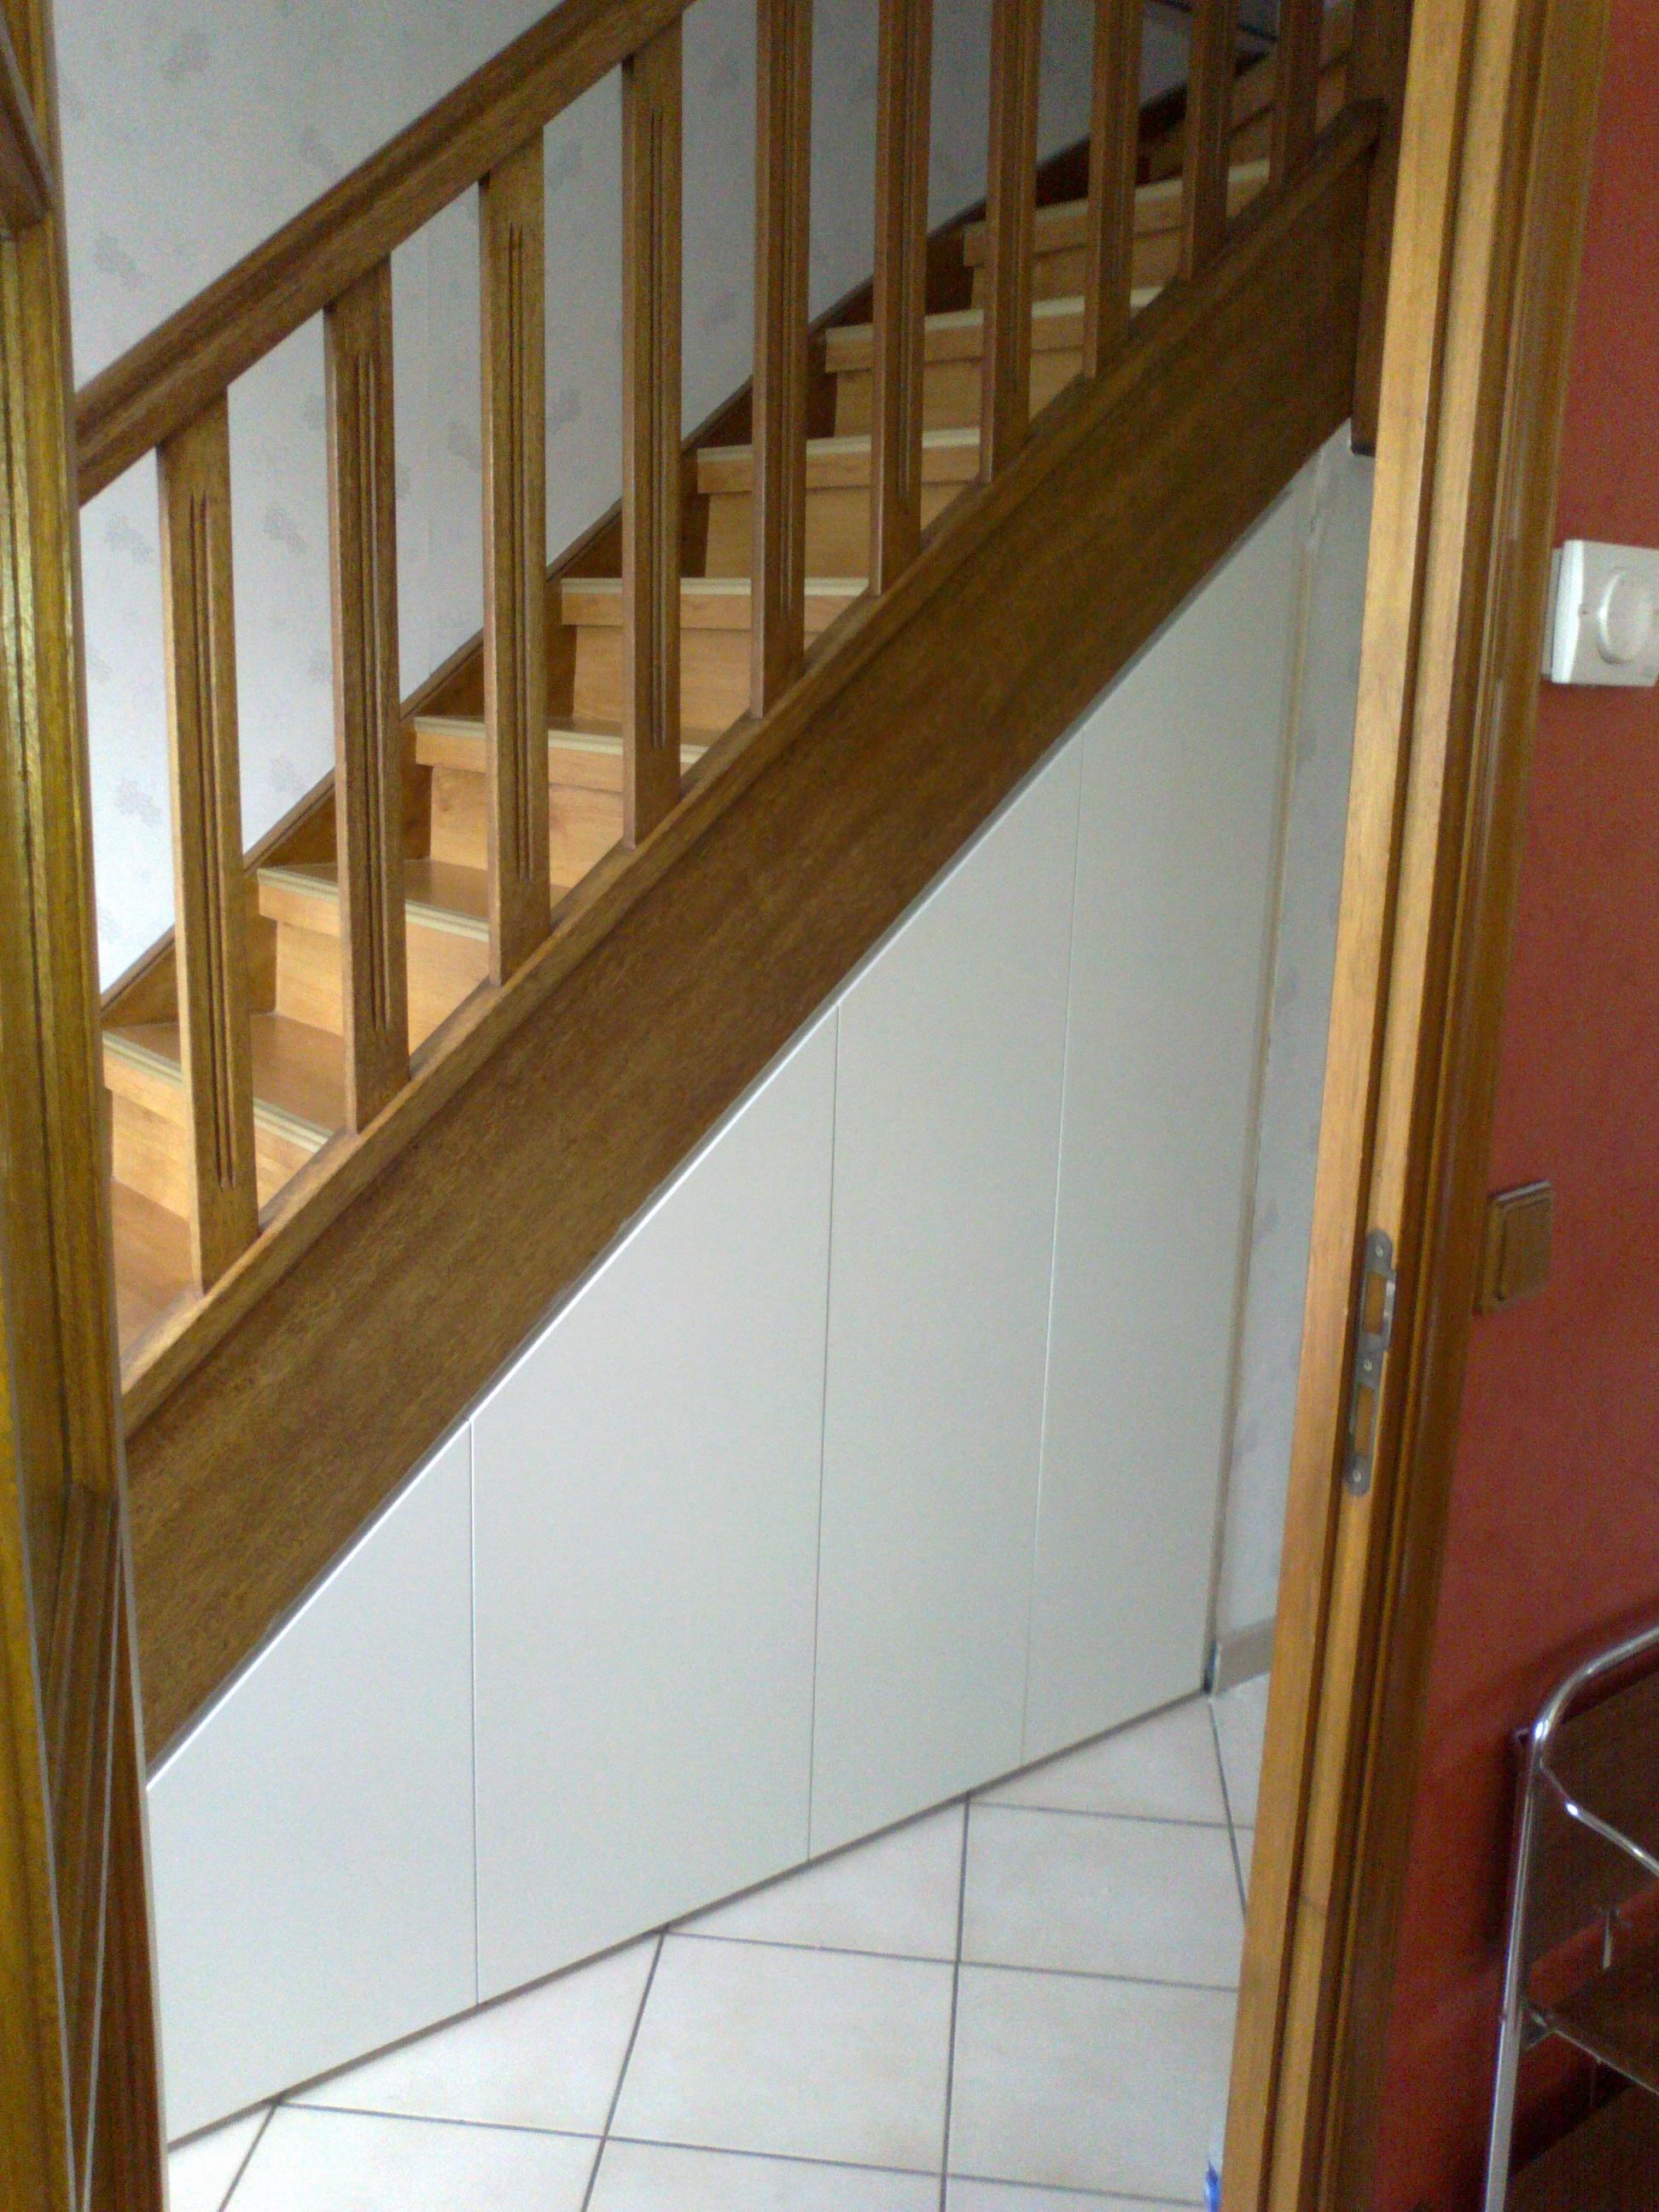 Gagner de l 39 espace de rangement par un agencement sous escalier - Meuble sur mesure sous escalier ...